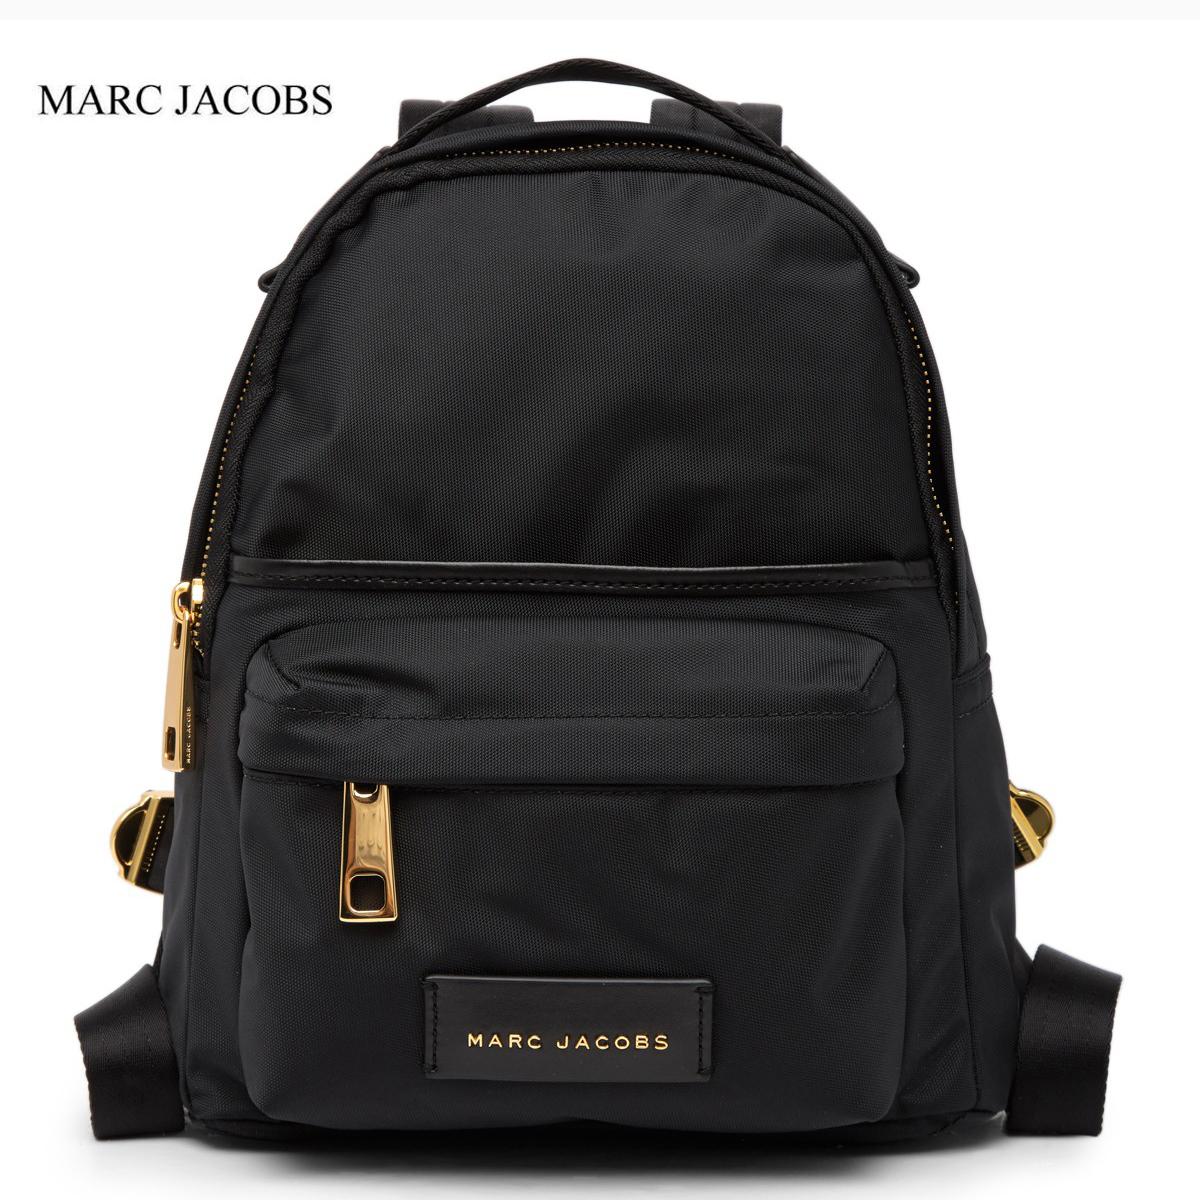 マークジェイコブス バッグ リュック ナイロン スモール バックパック ブラック Marc Jacobs Nylon Varsity Small Backpack BLACK